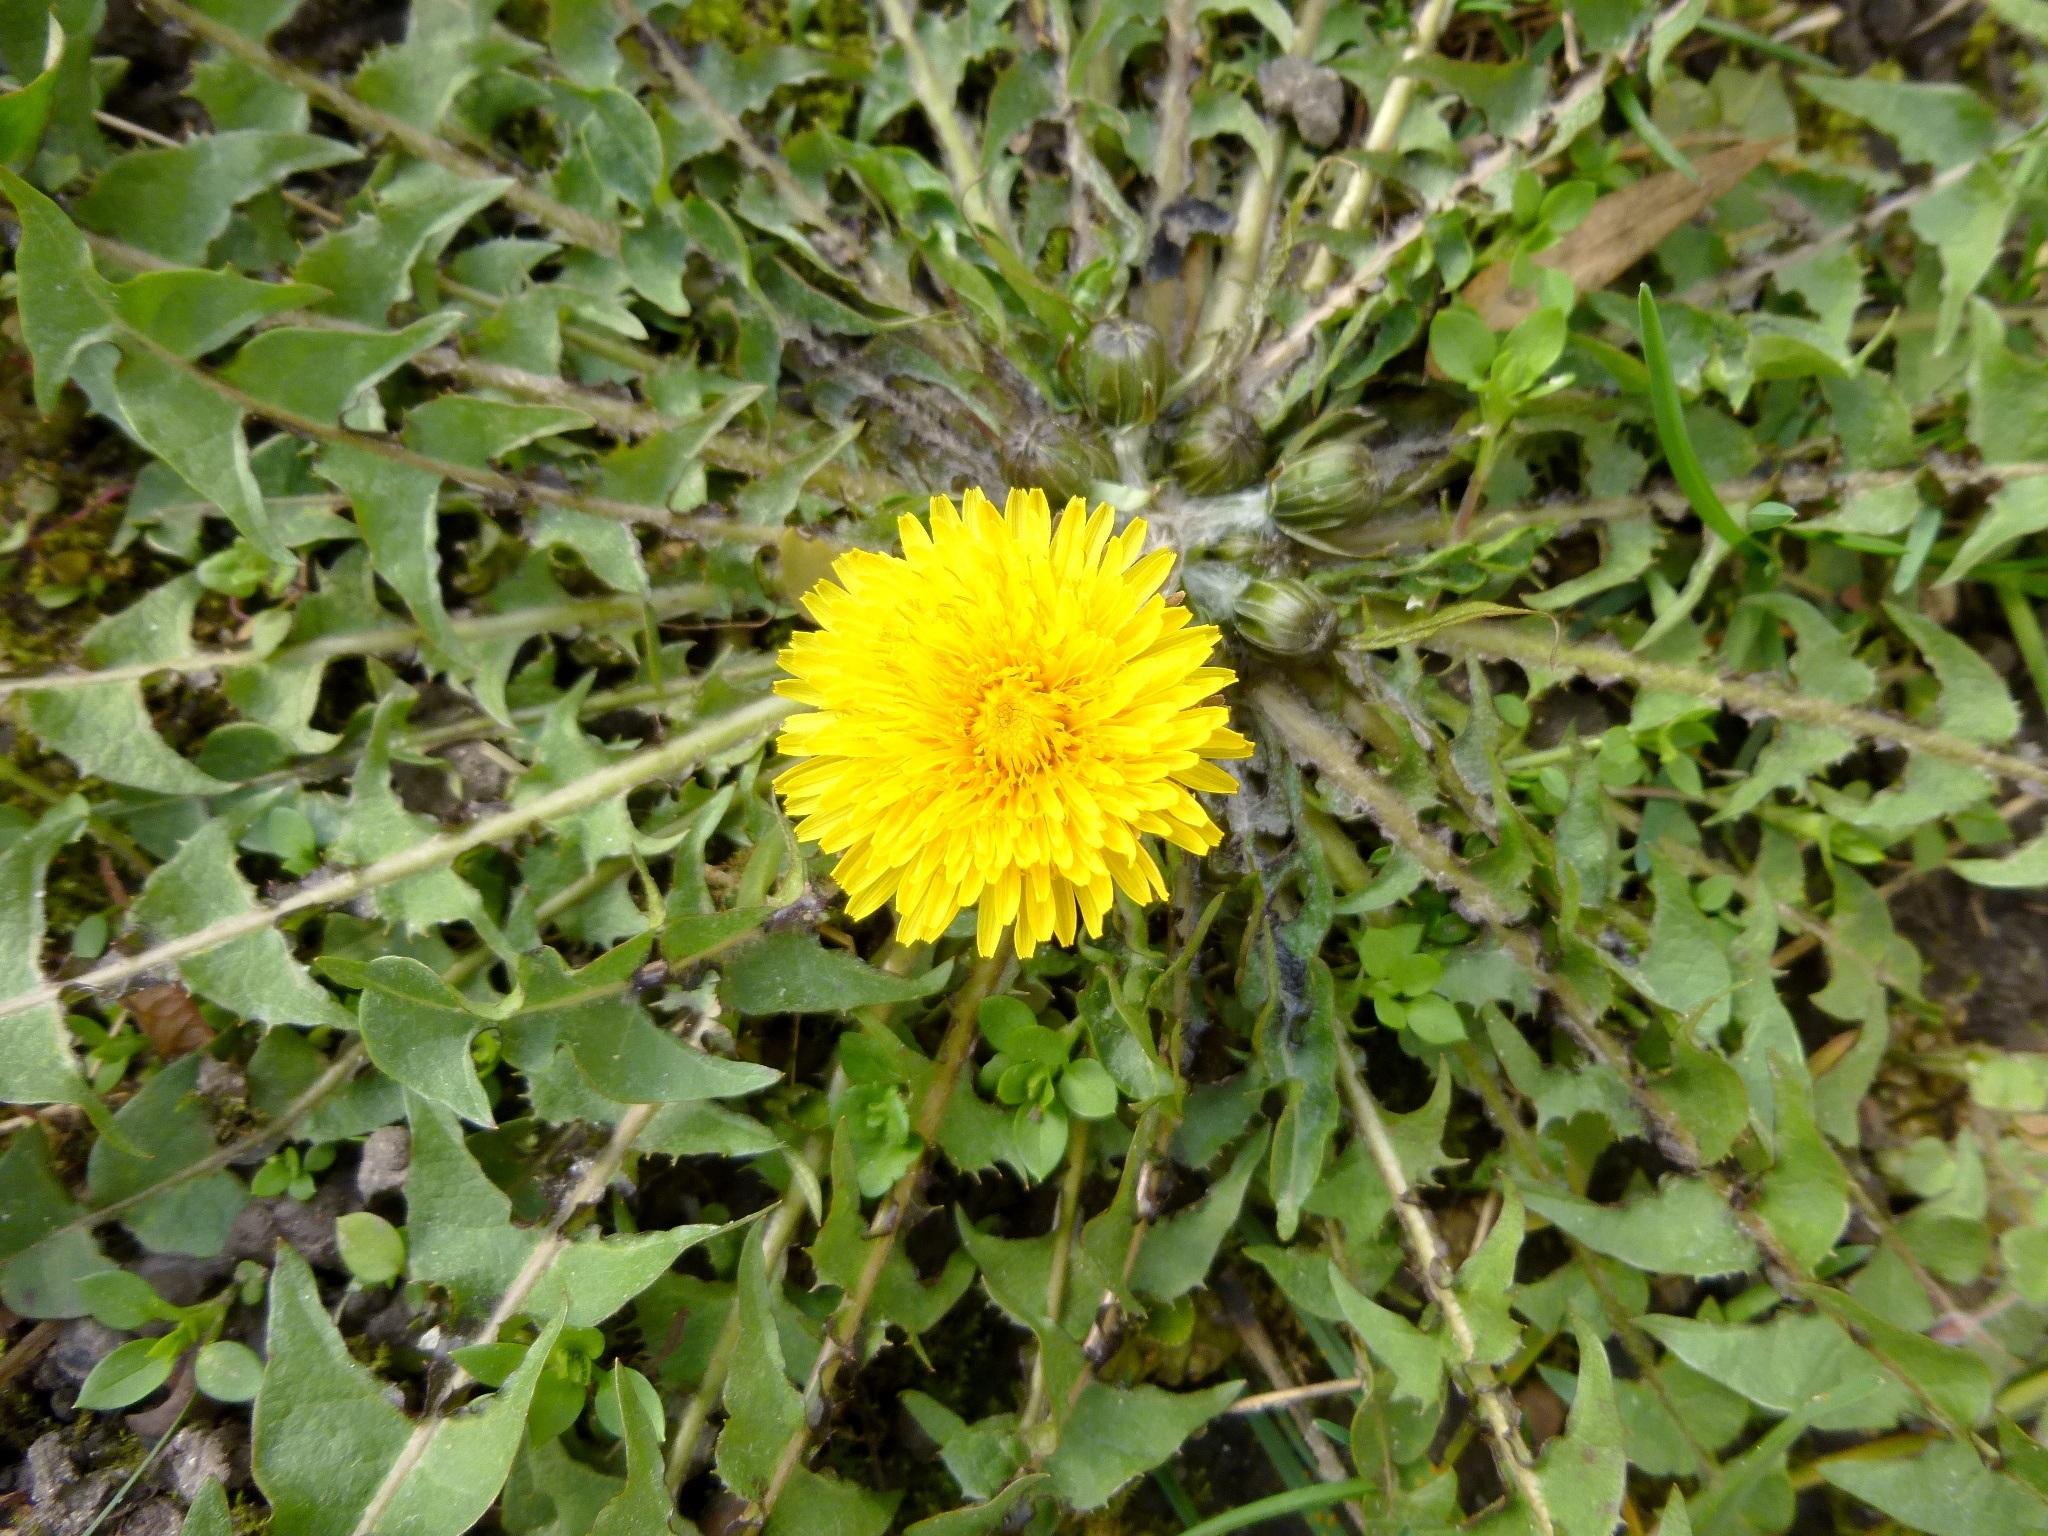 Free Images Nature Sunshine Dandelion Leaf Botany Flora